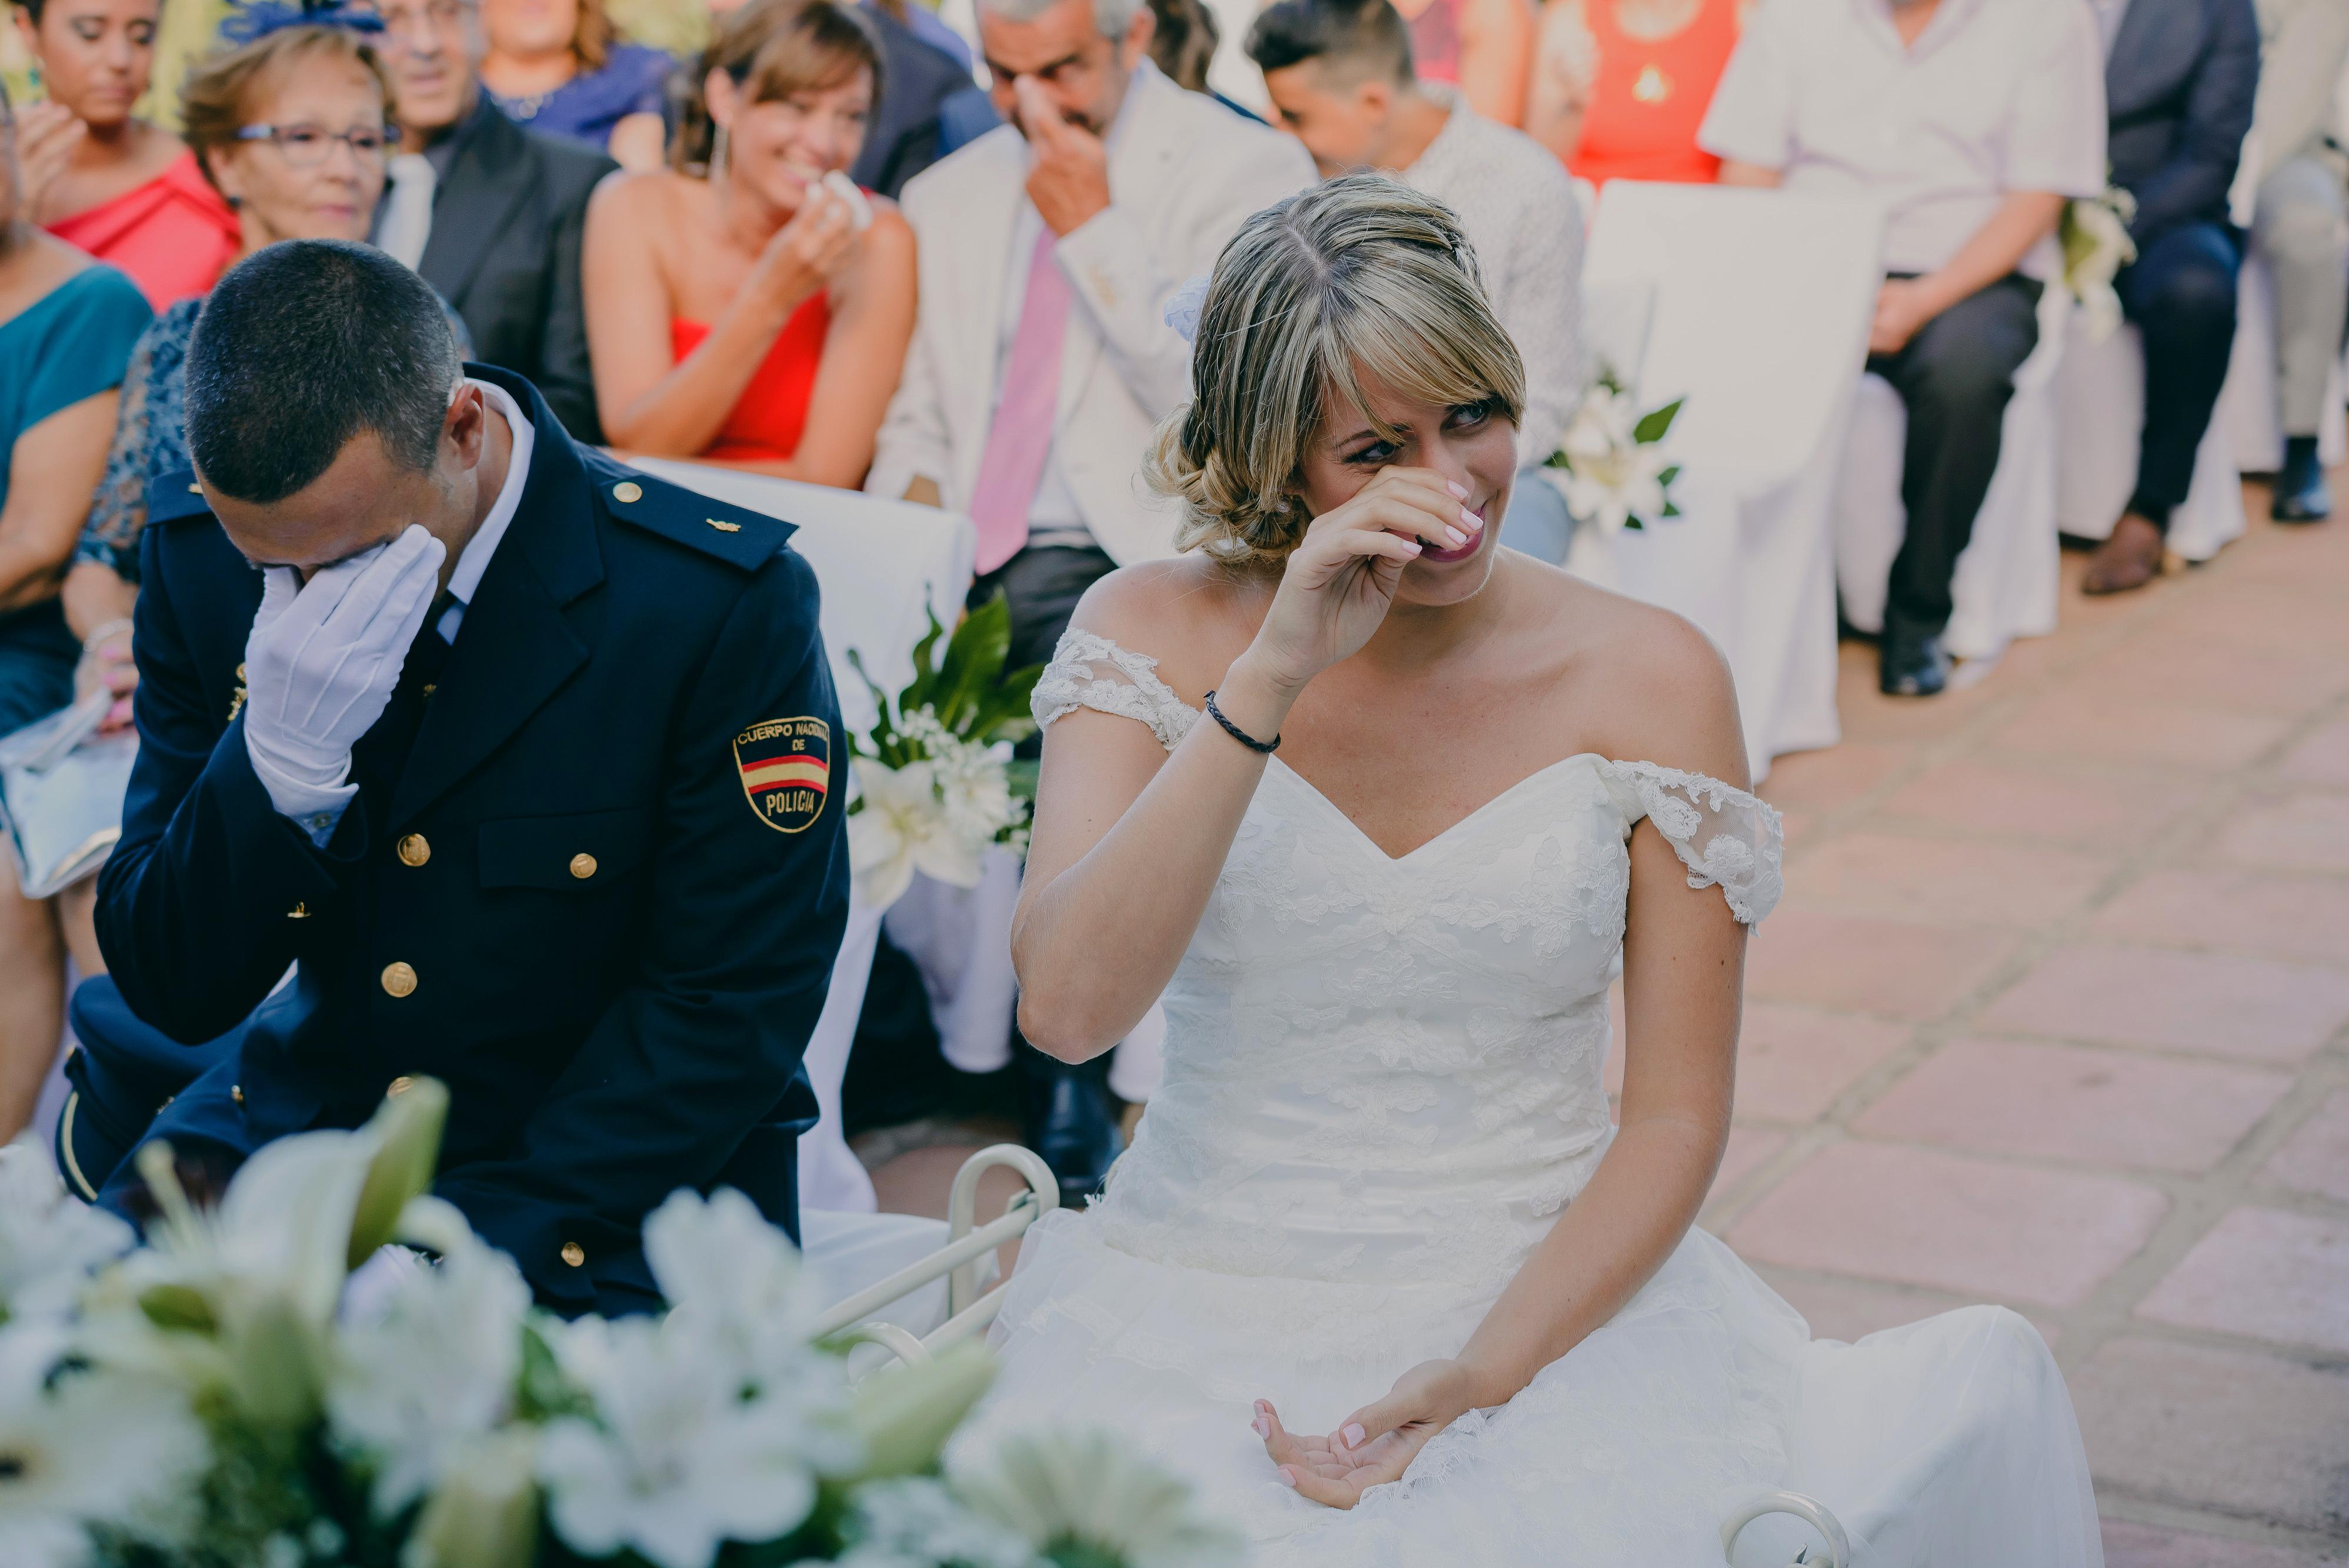 Majorca Wedding Photography - Mallorcahochzeiten Fotografie - Anabel Vargas Photography - Bodas Mallorca13